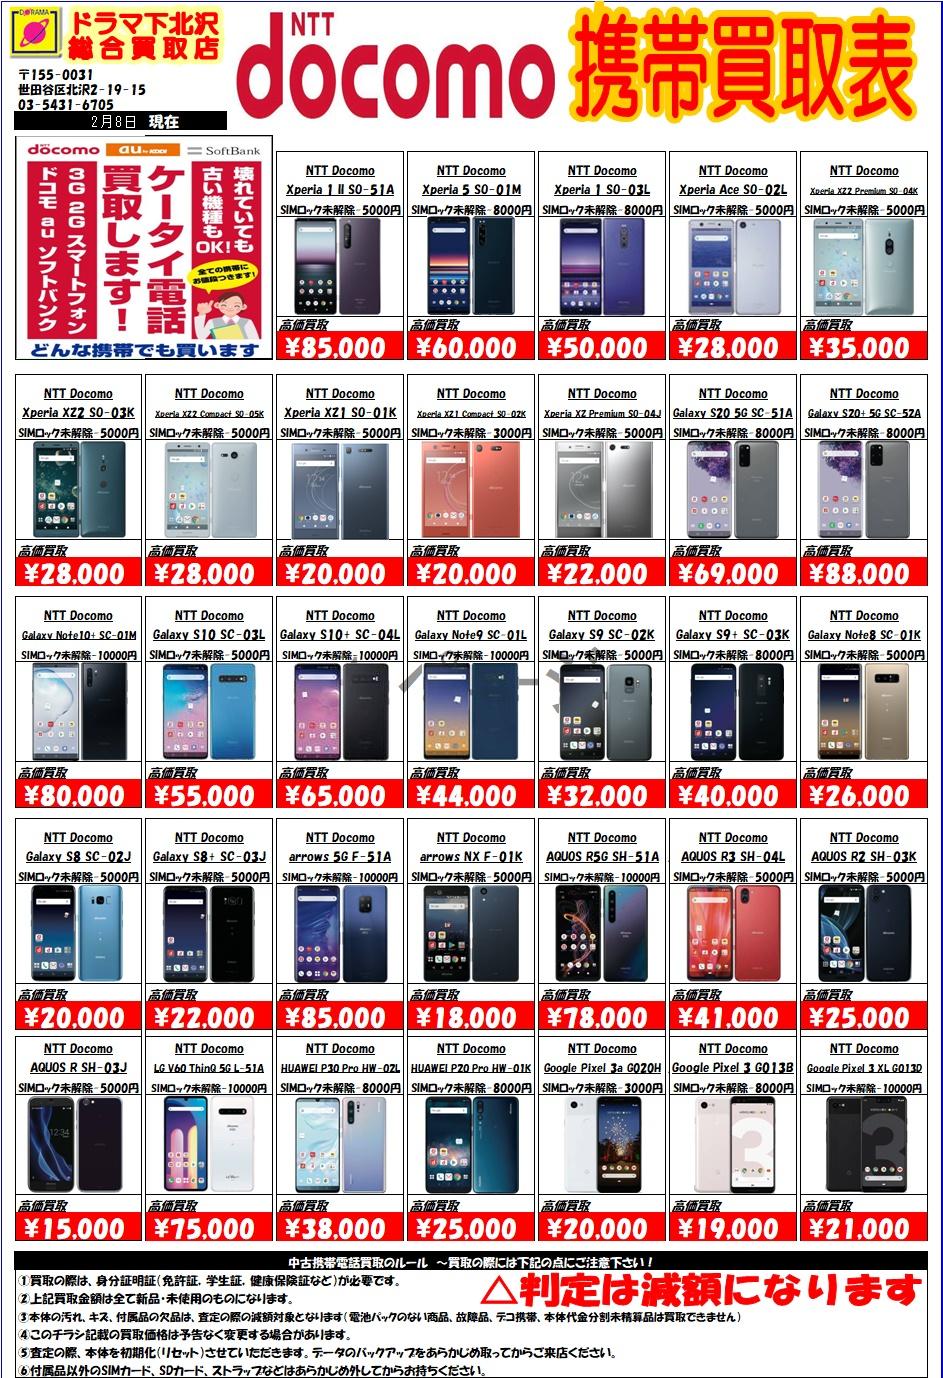 世田谷区 Android docomo Galaxy Note10+ SC-01M 高価 買取 中!! ドラマ下北沢総合買取店